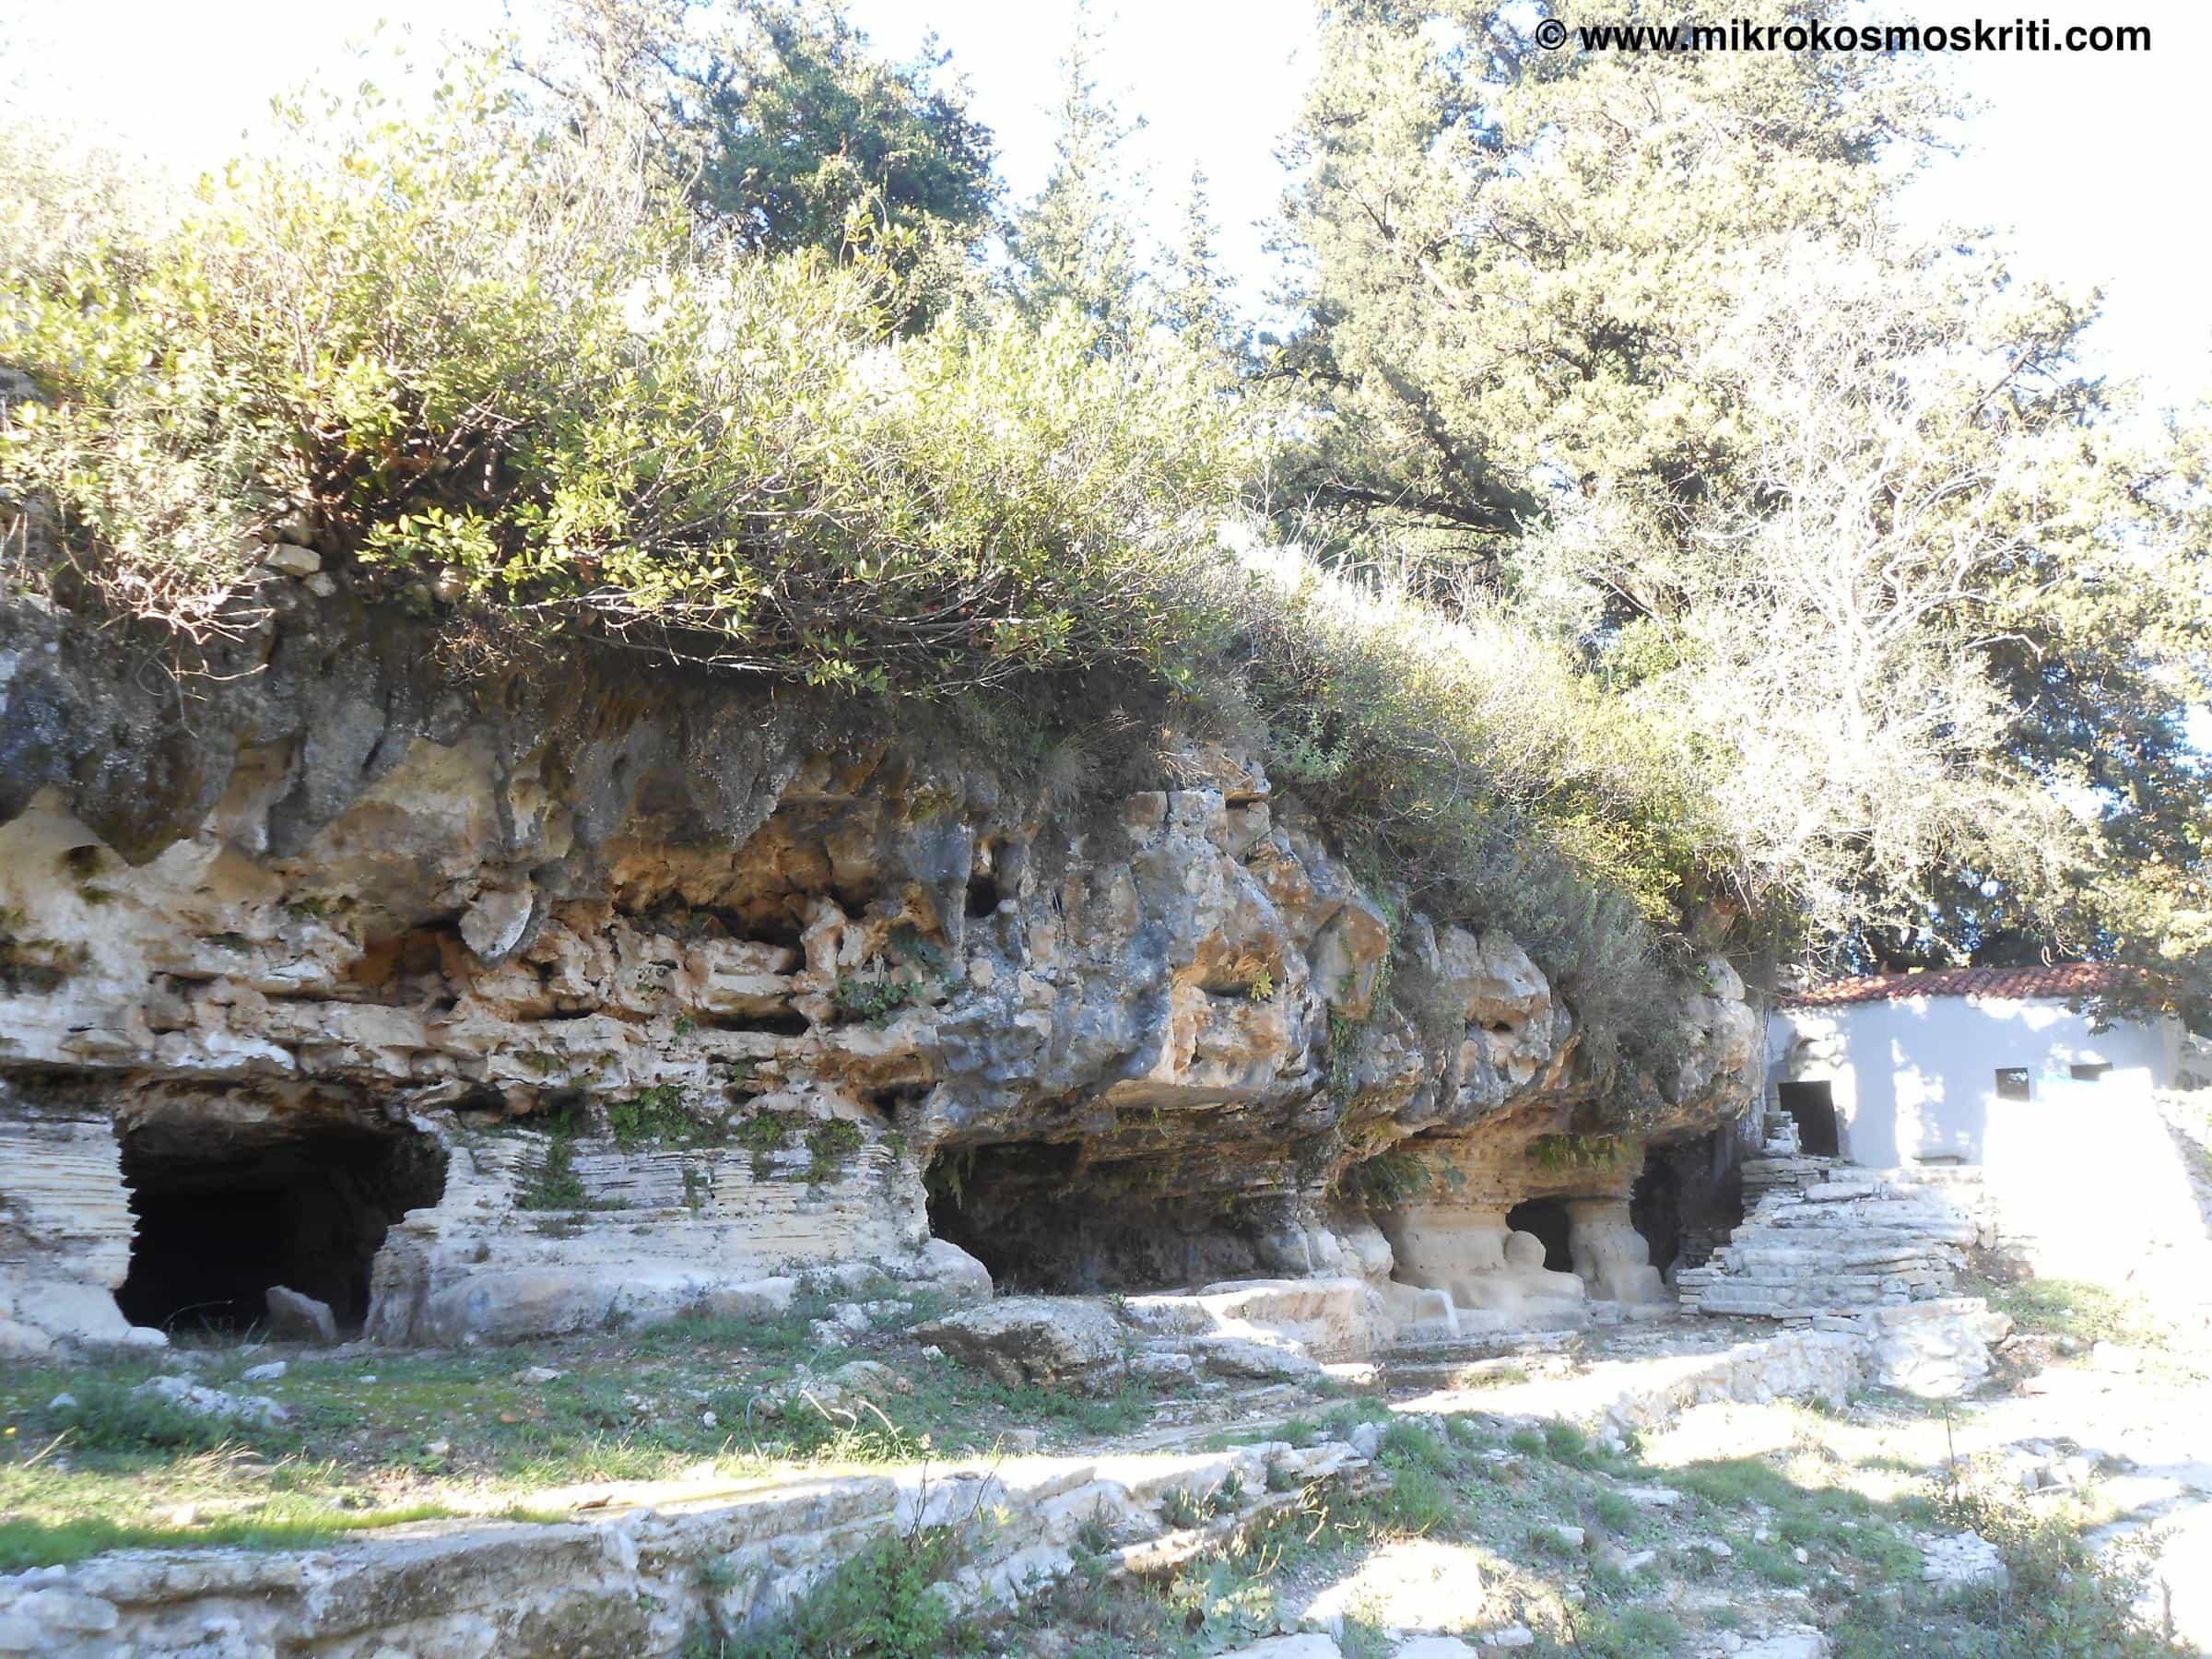 Necropoli di Lappa 2